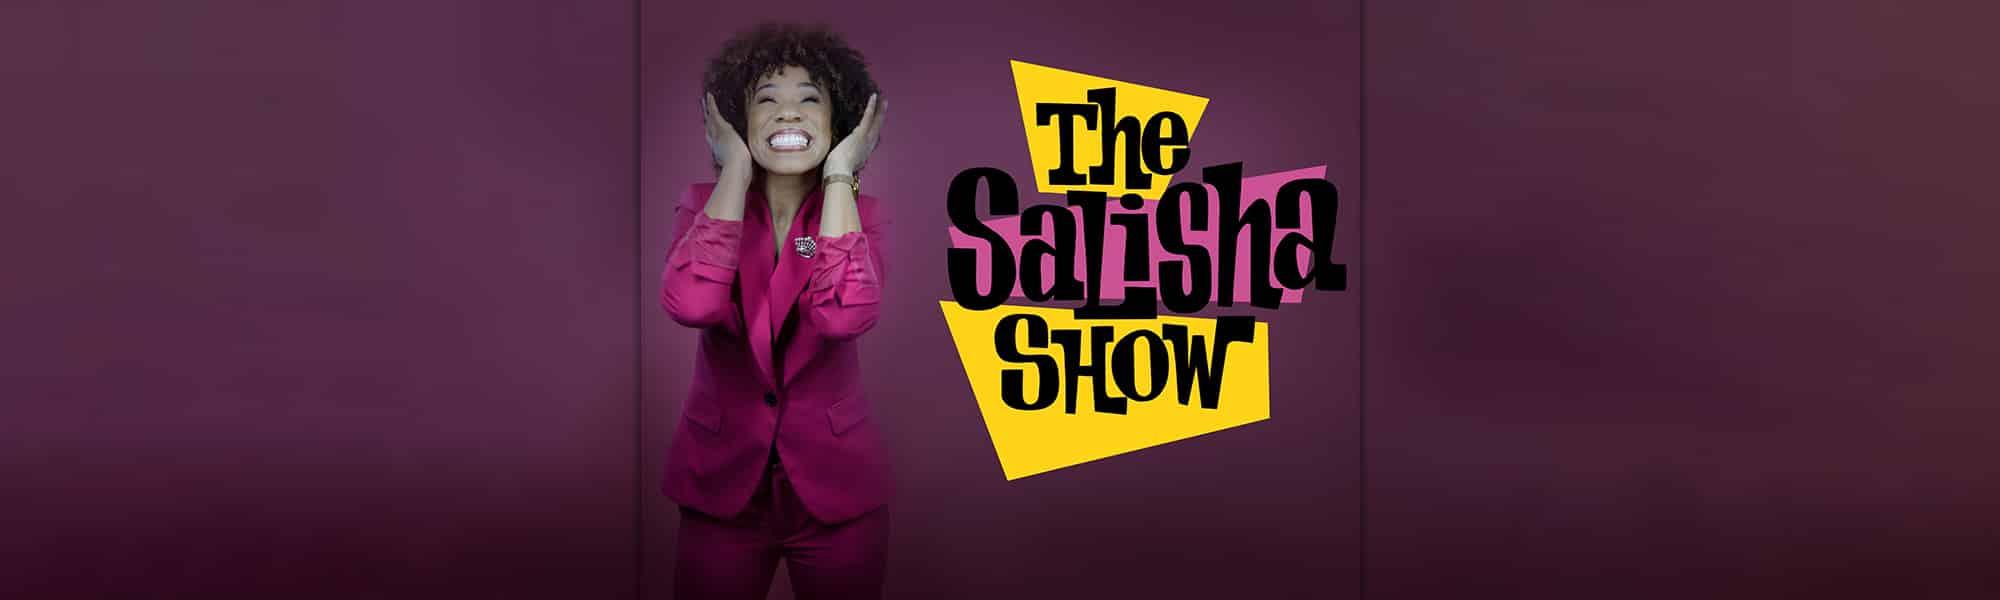 The Salisha Show - banner